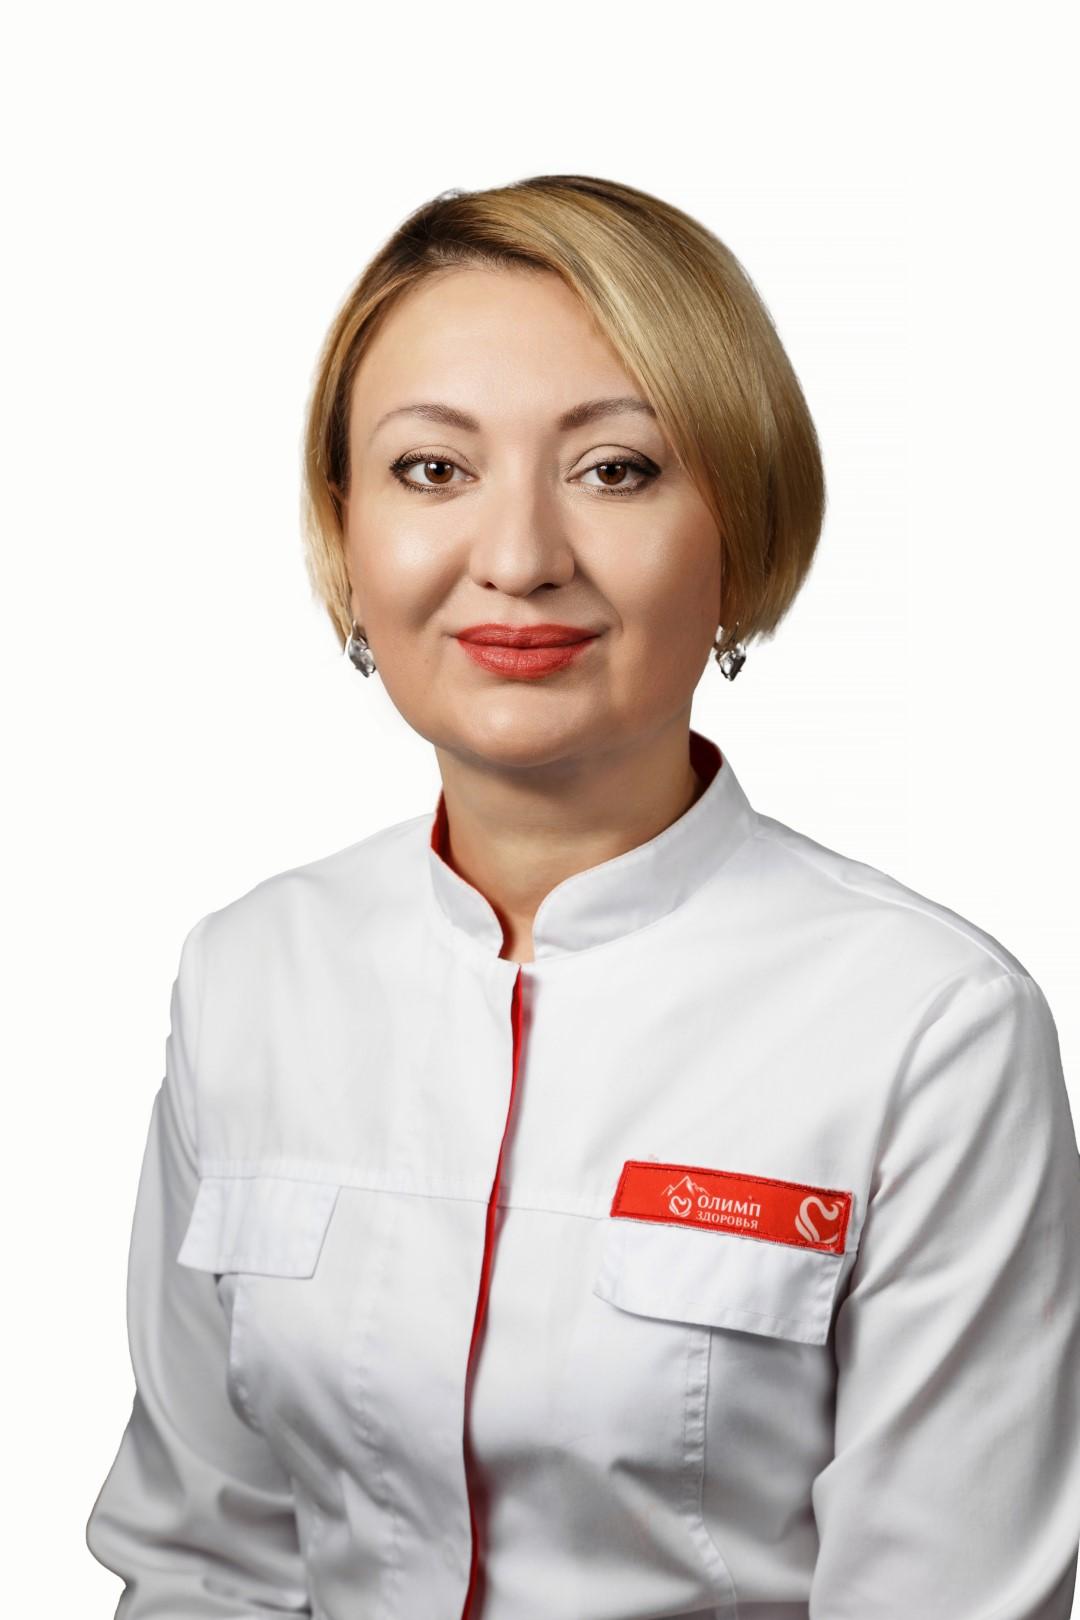 Шестакова Наталия Михайловна